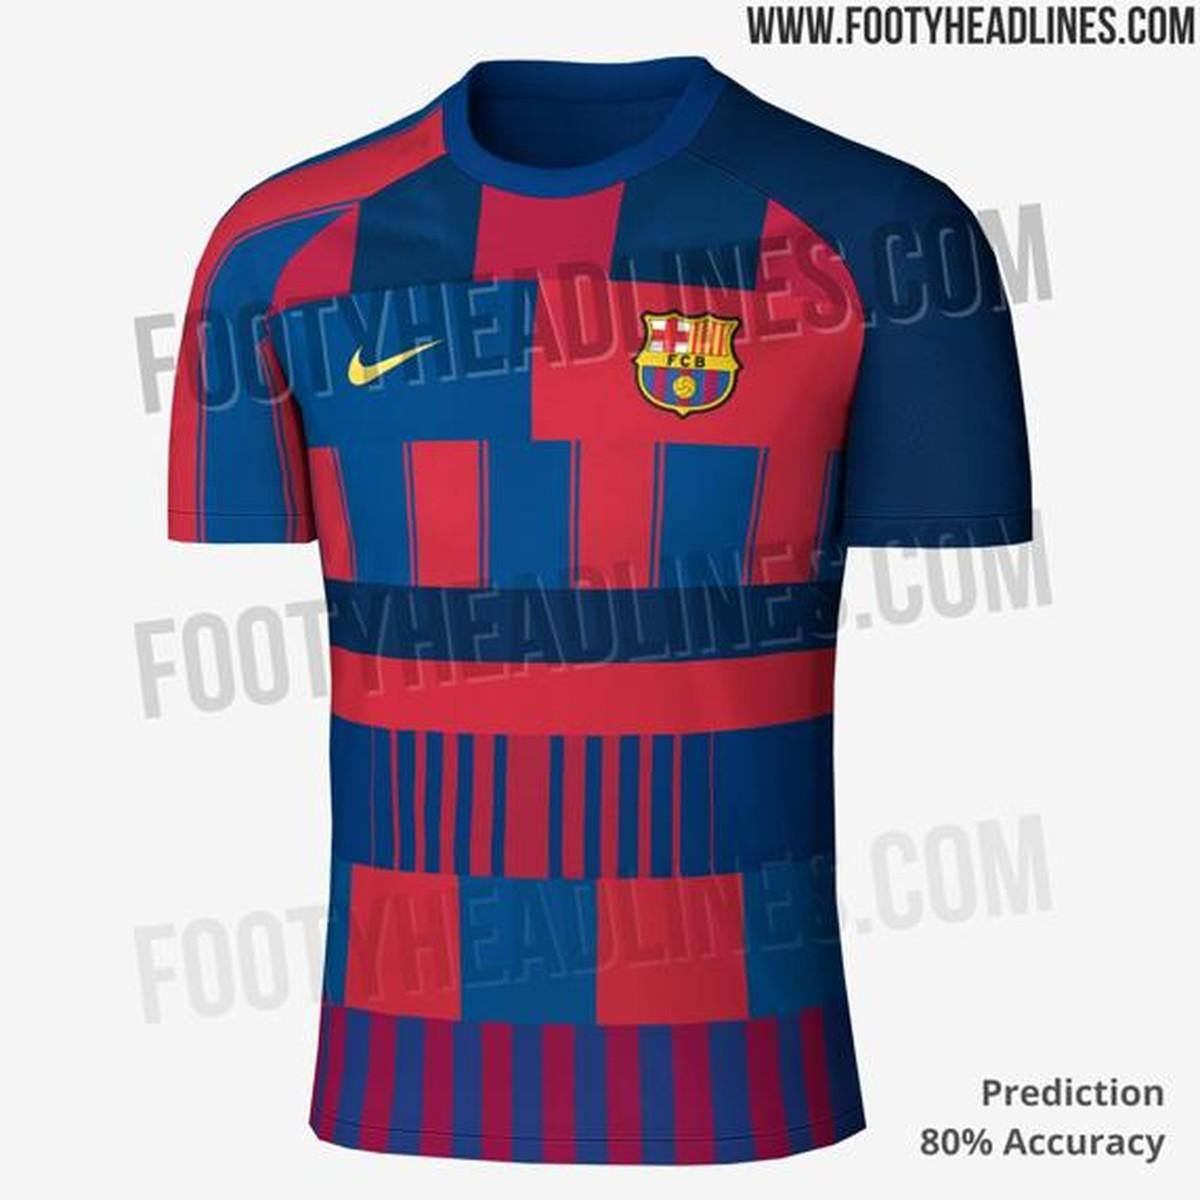 Site vaza camisa que mistura desenhos do Barça, mas clube nega que usará  modelo   Brasil Mundial FC   Globoesporte 4b6805f162